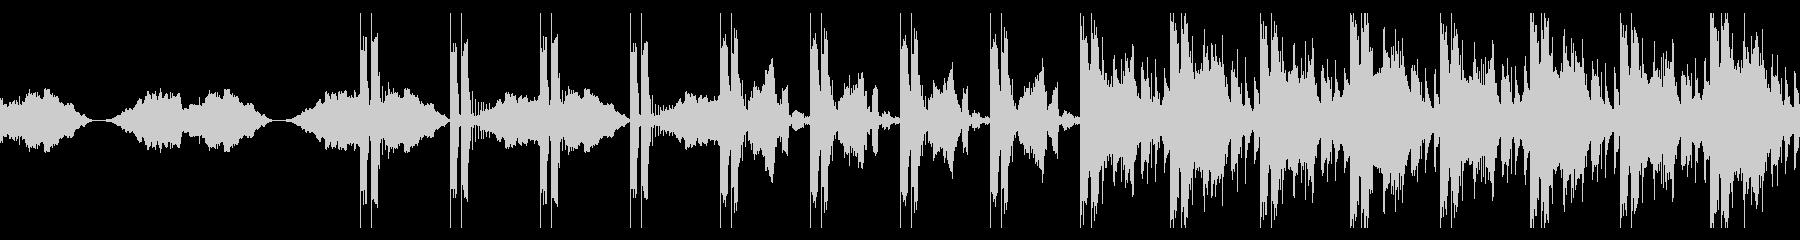 リズムメインのシネマティックエレクトロの未再生の波形